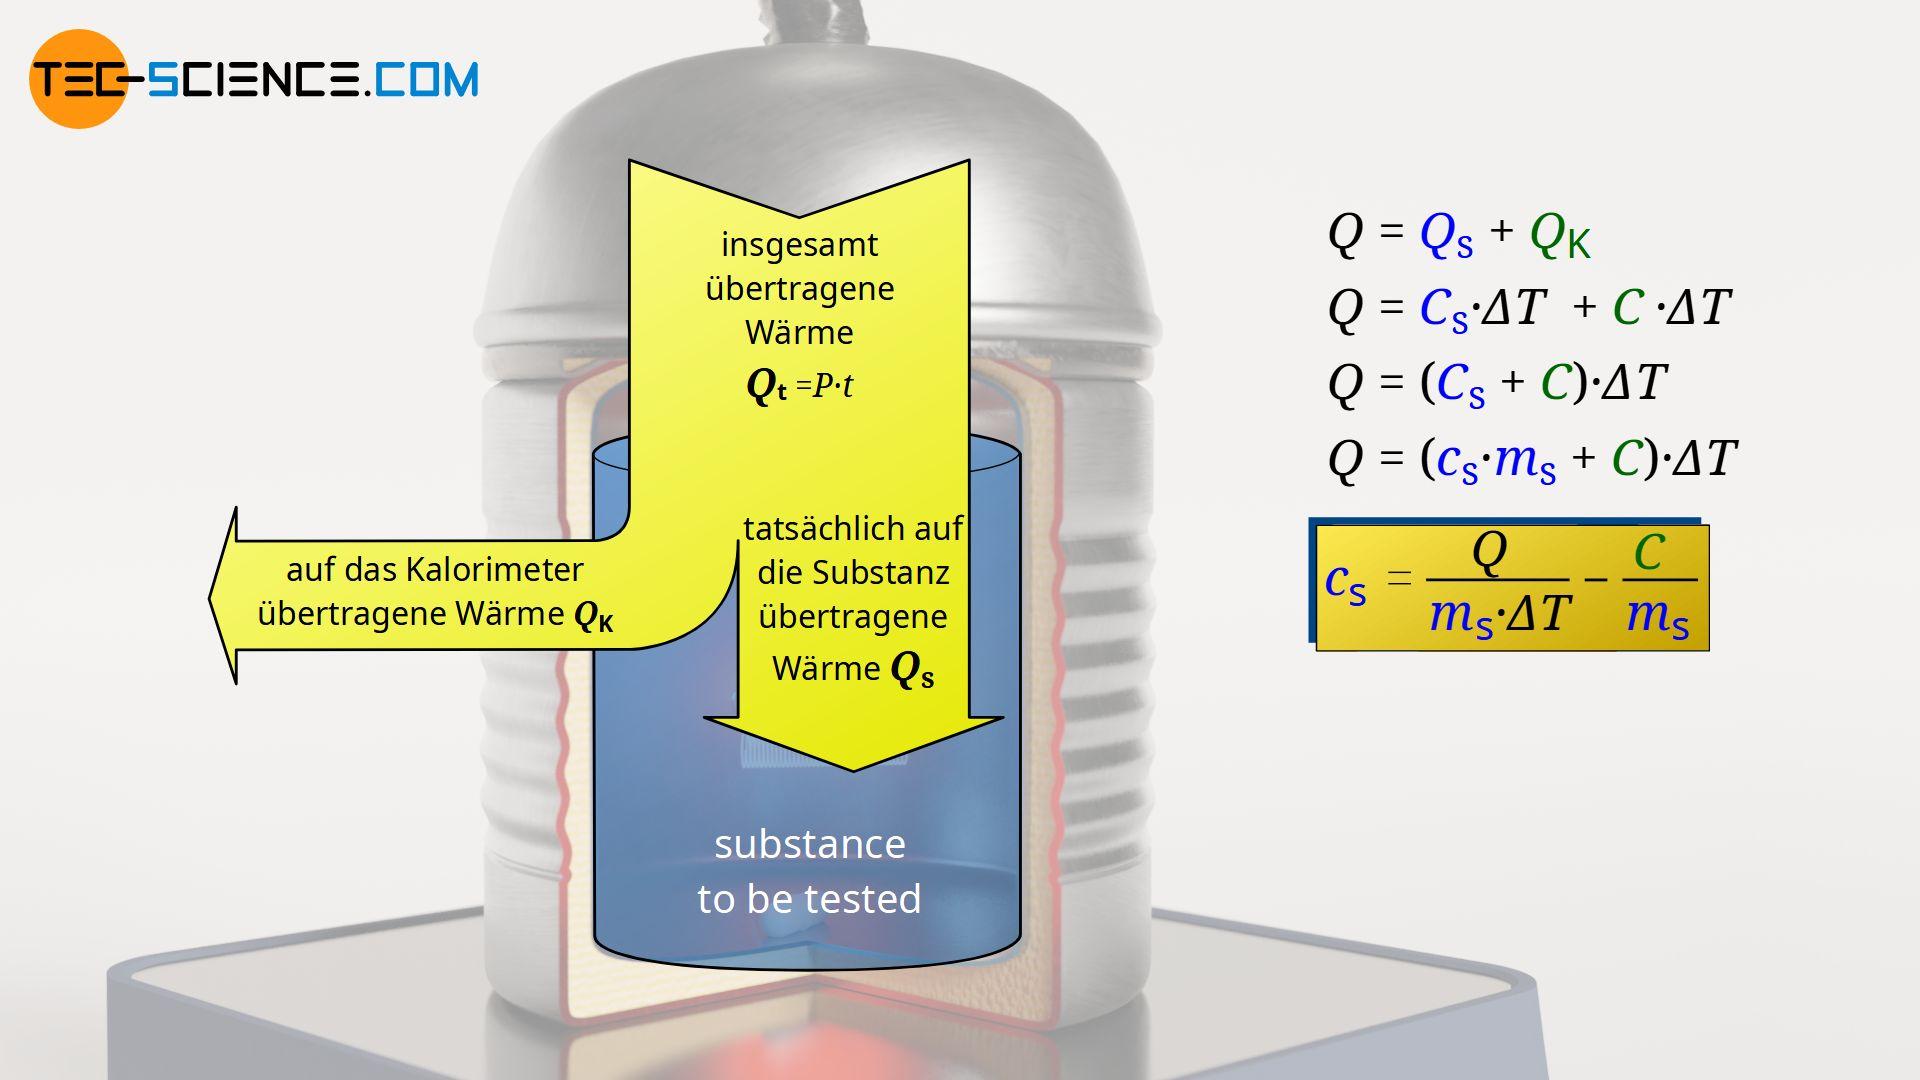 Energieflussdiagramm der abgegebenen Wärme eines Heizgerätes (Wasserwert)